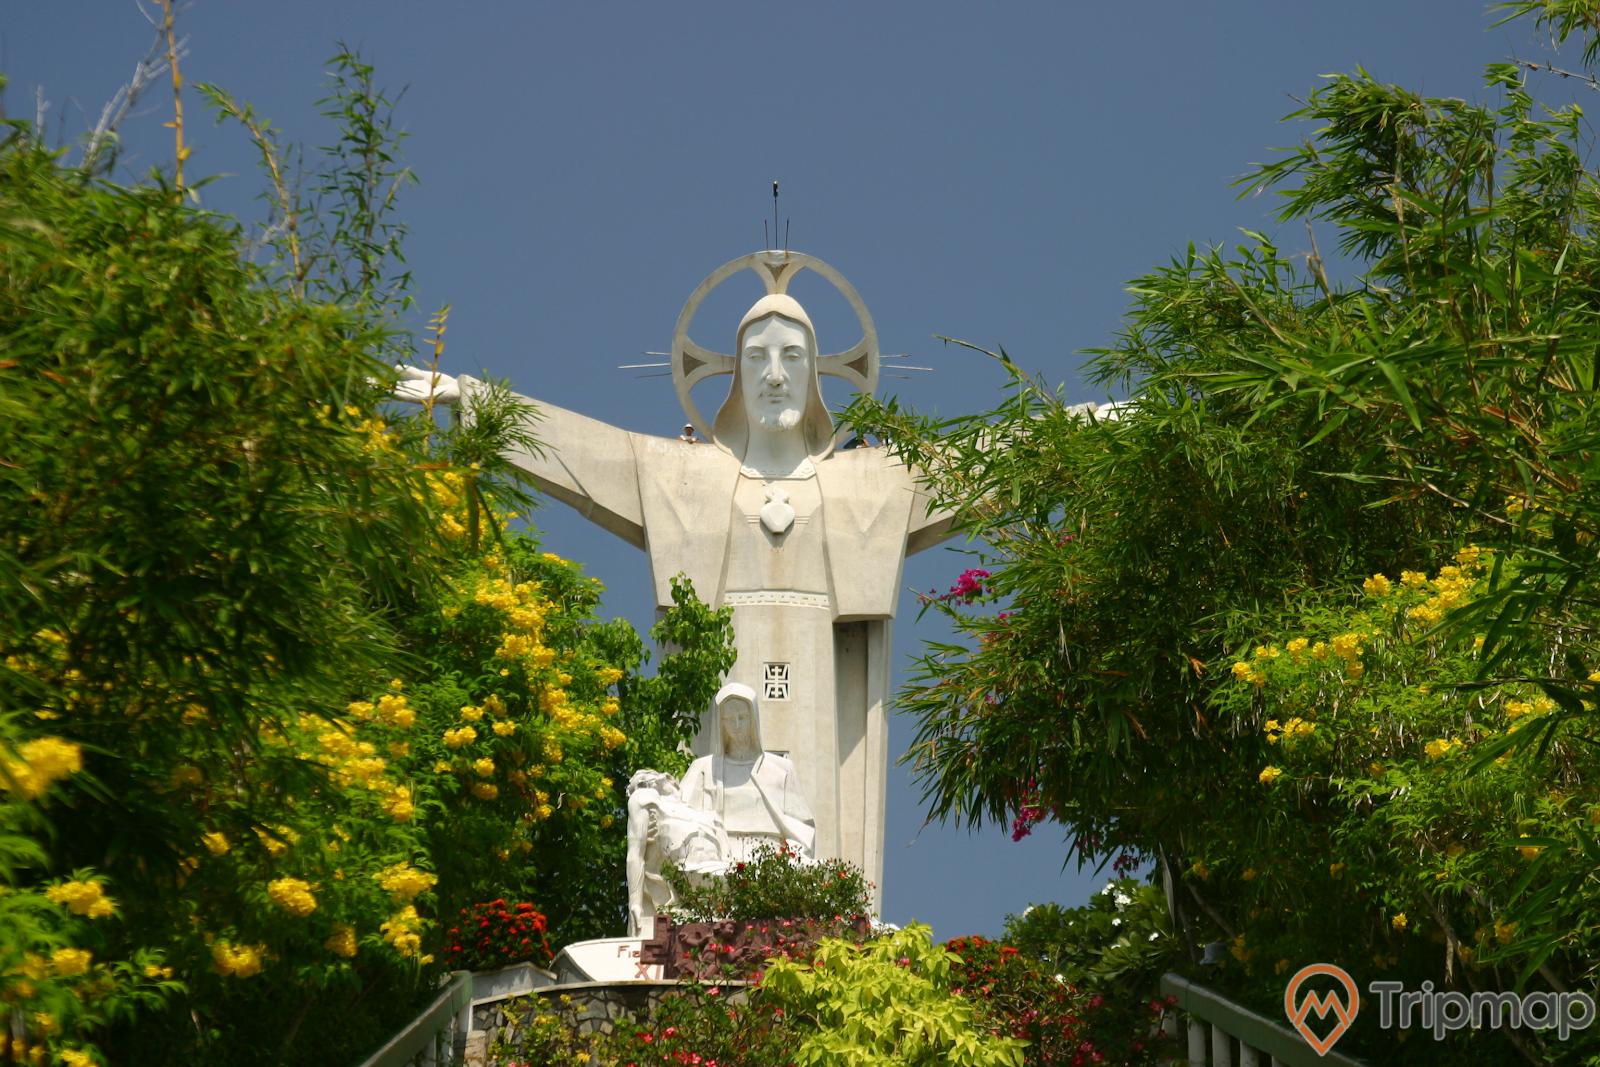 """Tượng chúa Kitôxác lập kỉ lục là """"Tượng Chúa Giêsu lớn nhất khu vực Châu Á"""""""